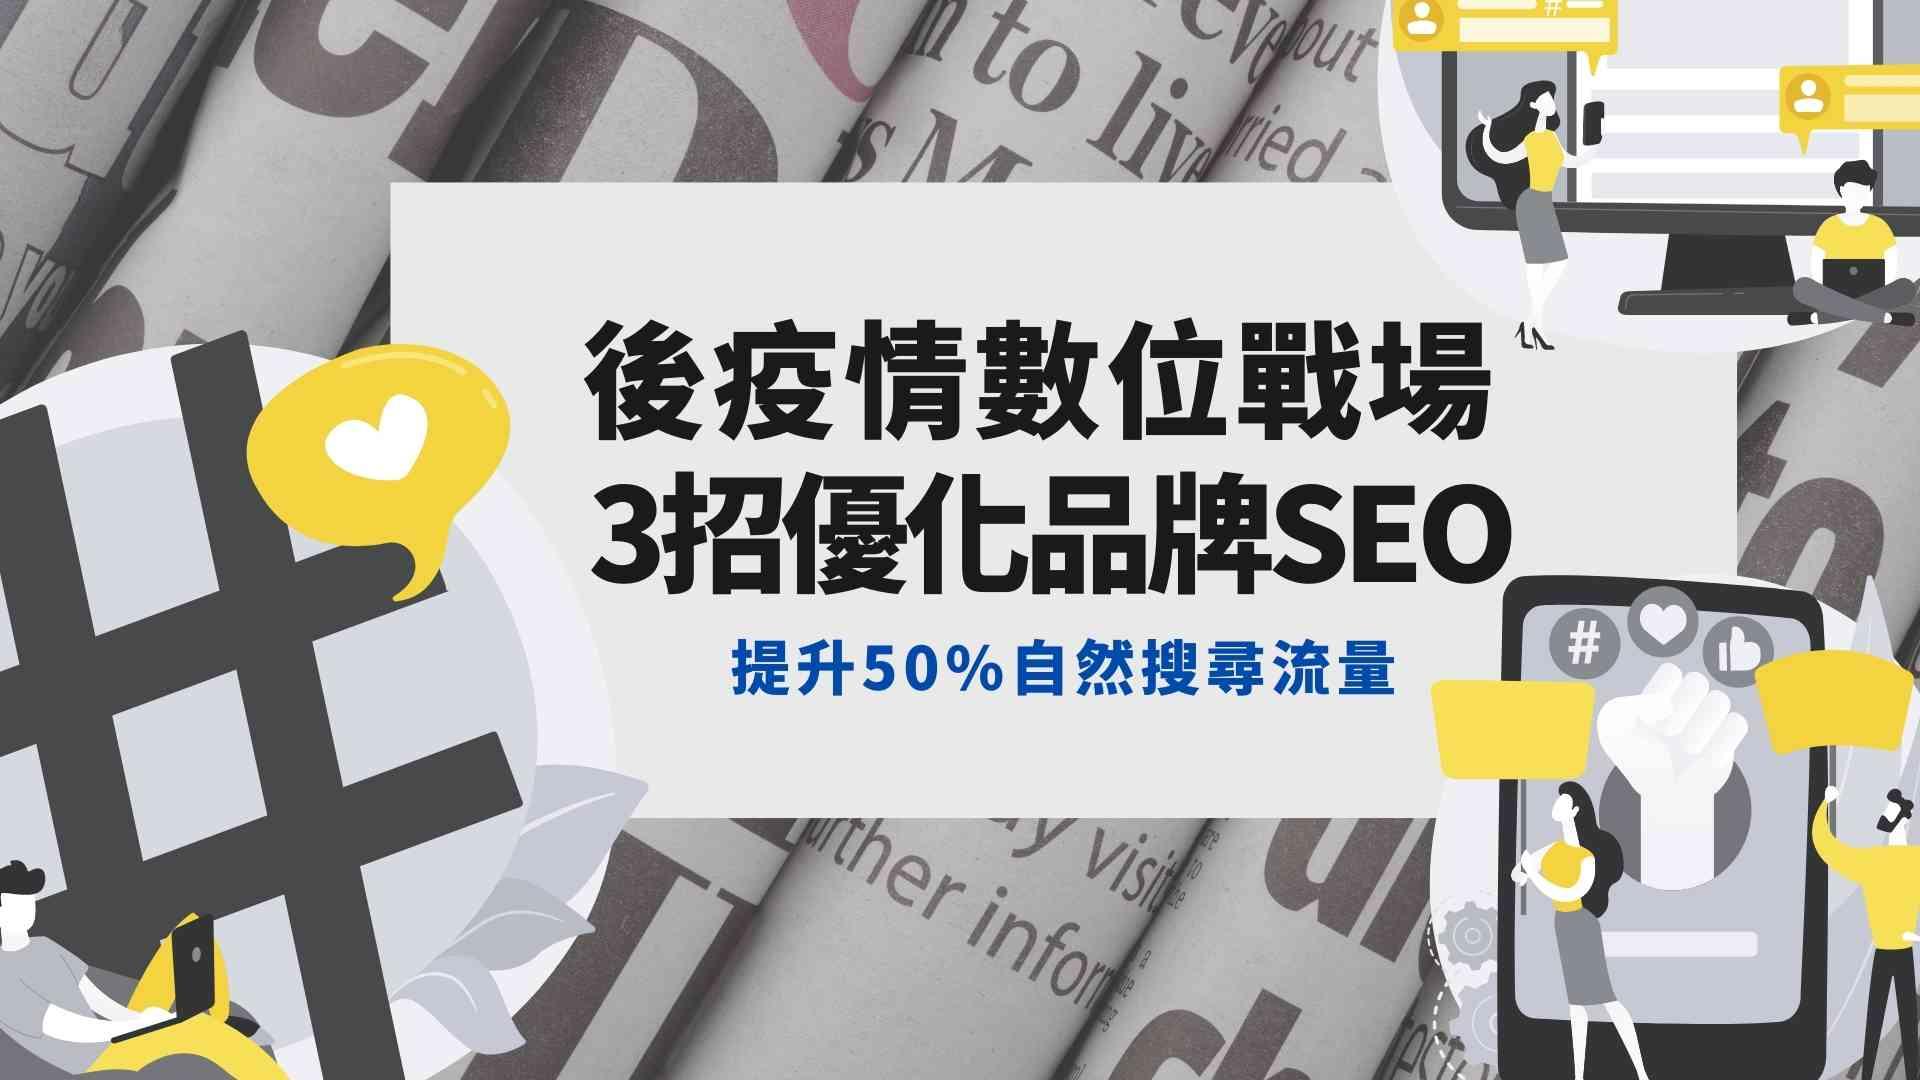 後疫情數位戰場來臨!3招優化品牌SEO 大幅提升50%自然搜尋